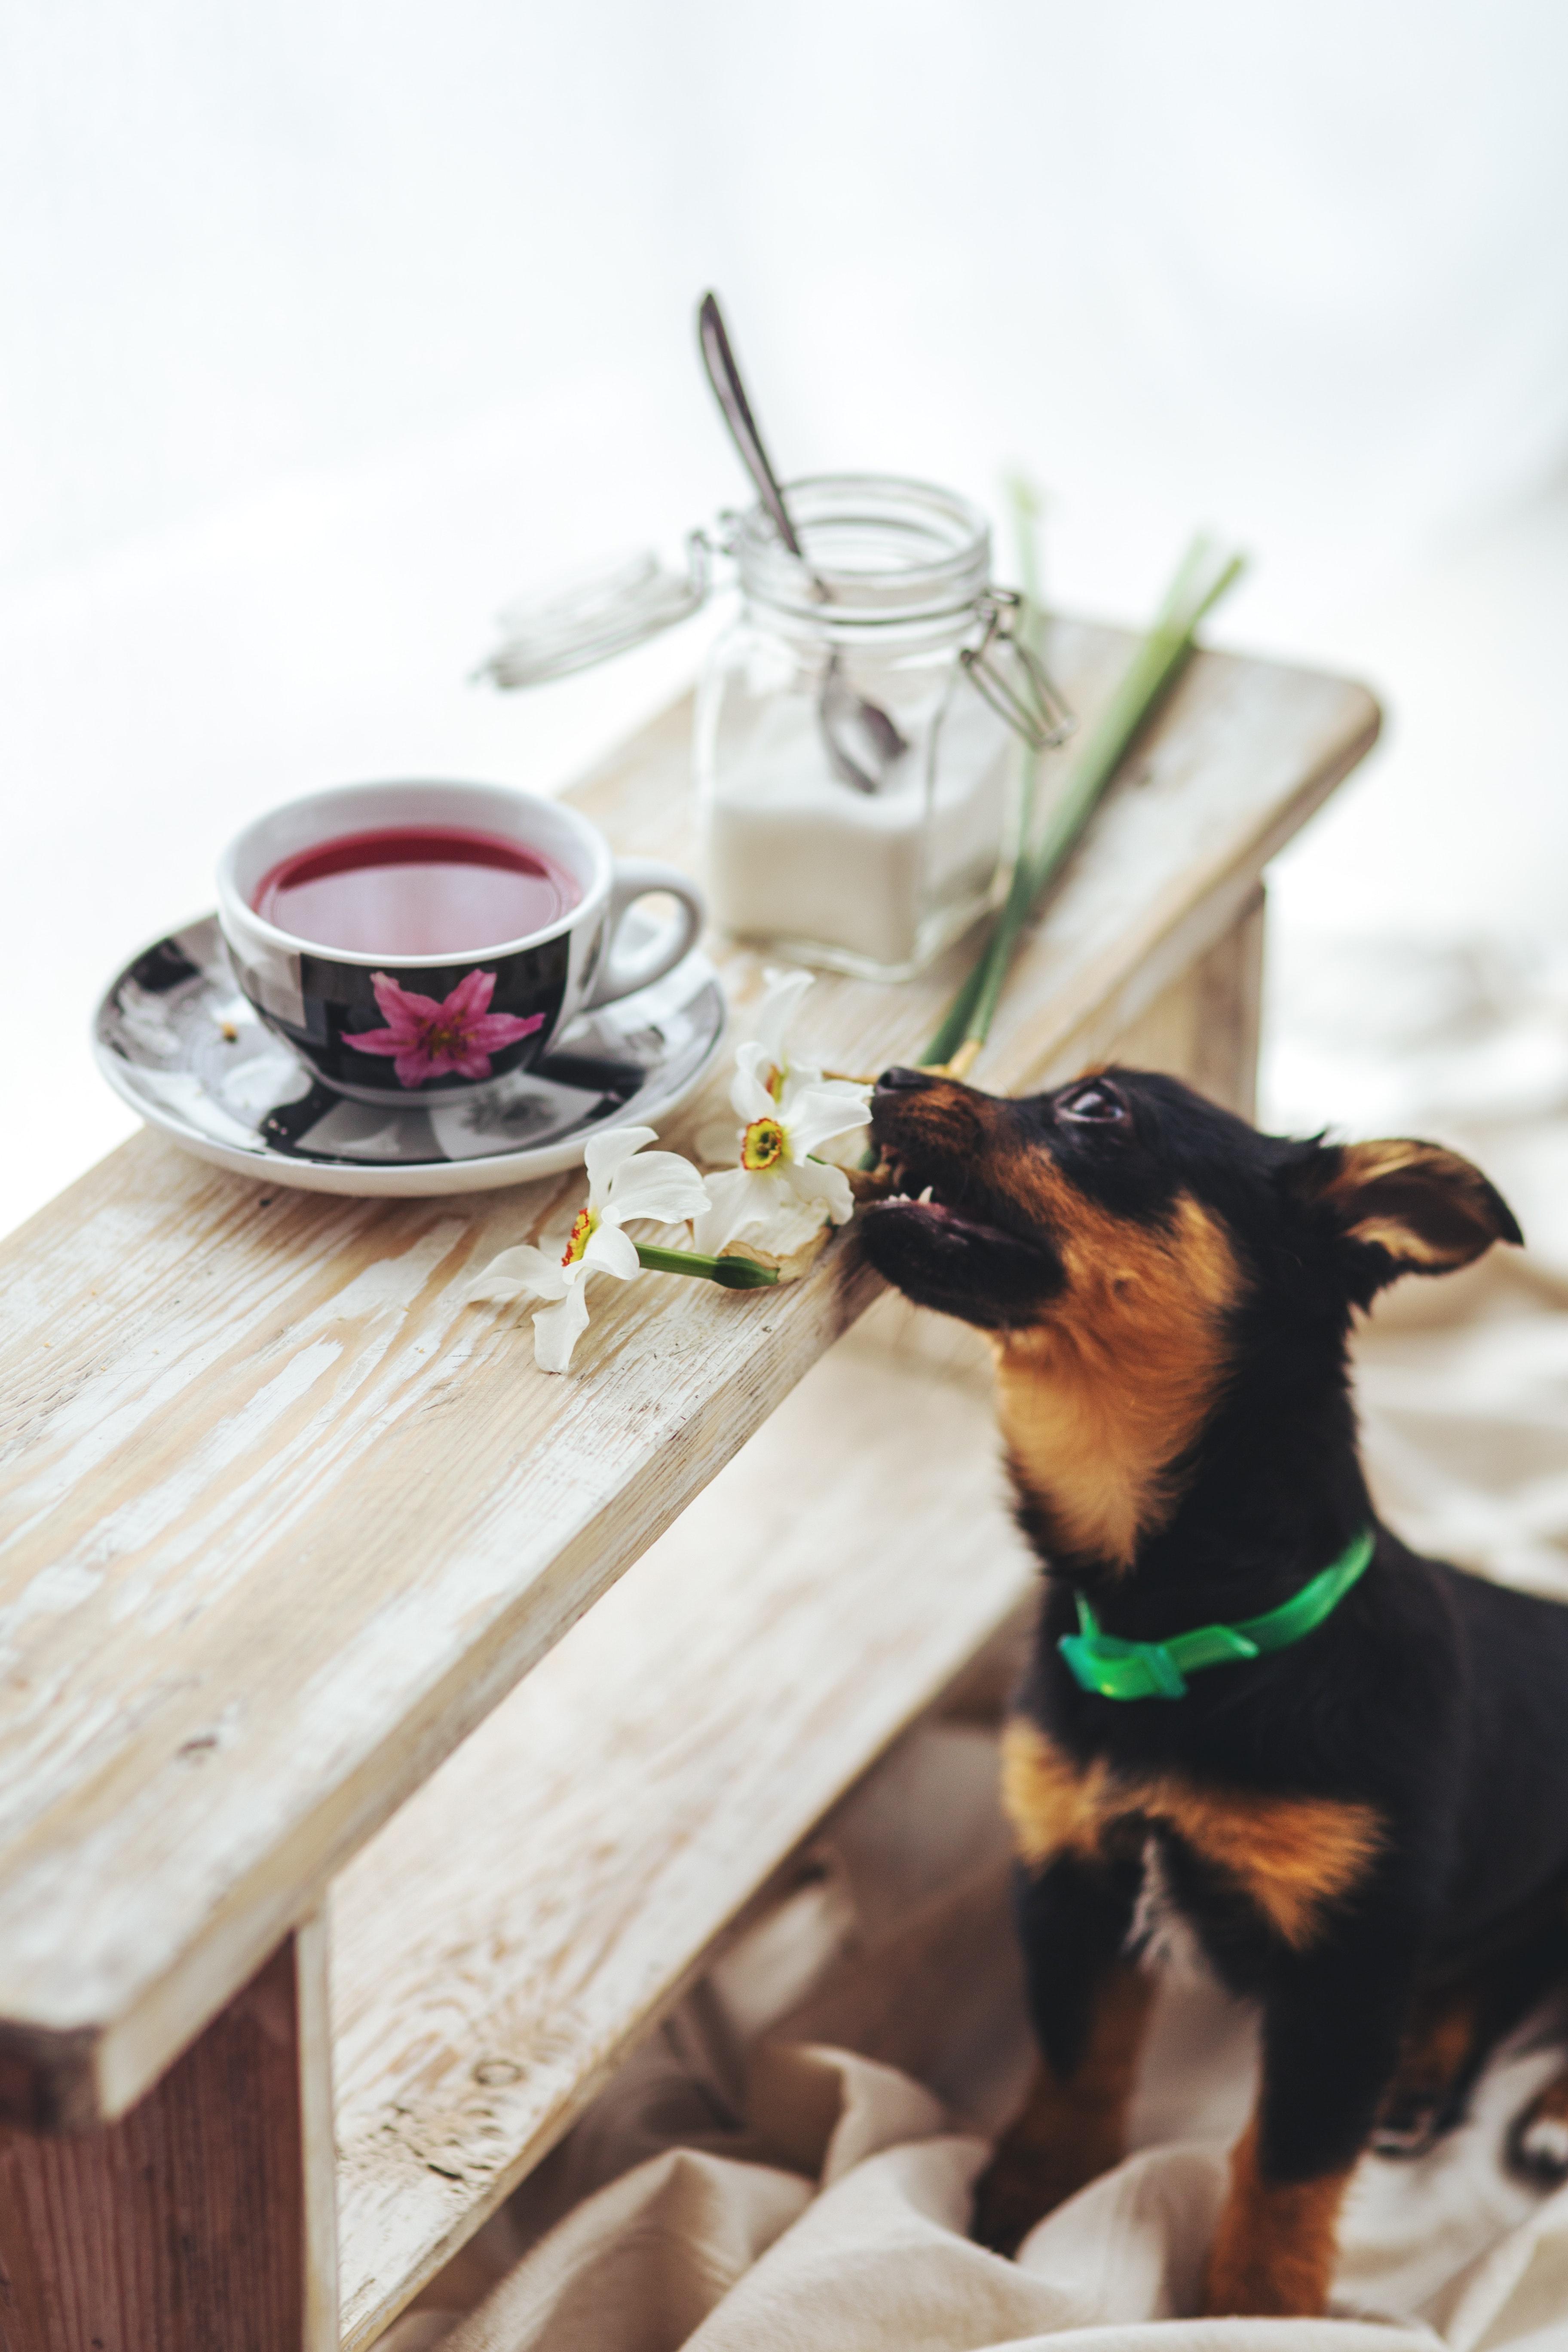 Puppy bites the flower photo